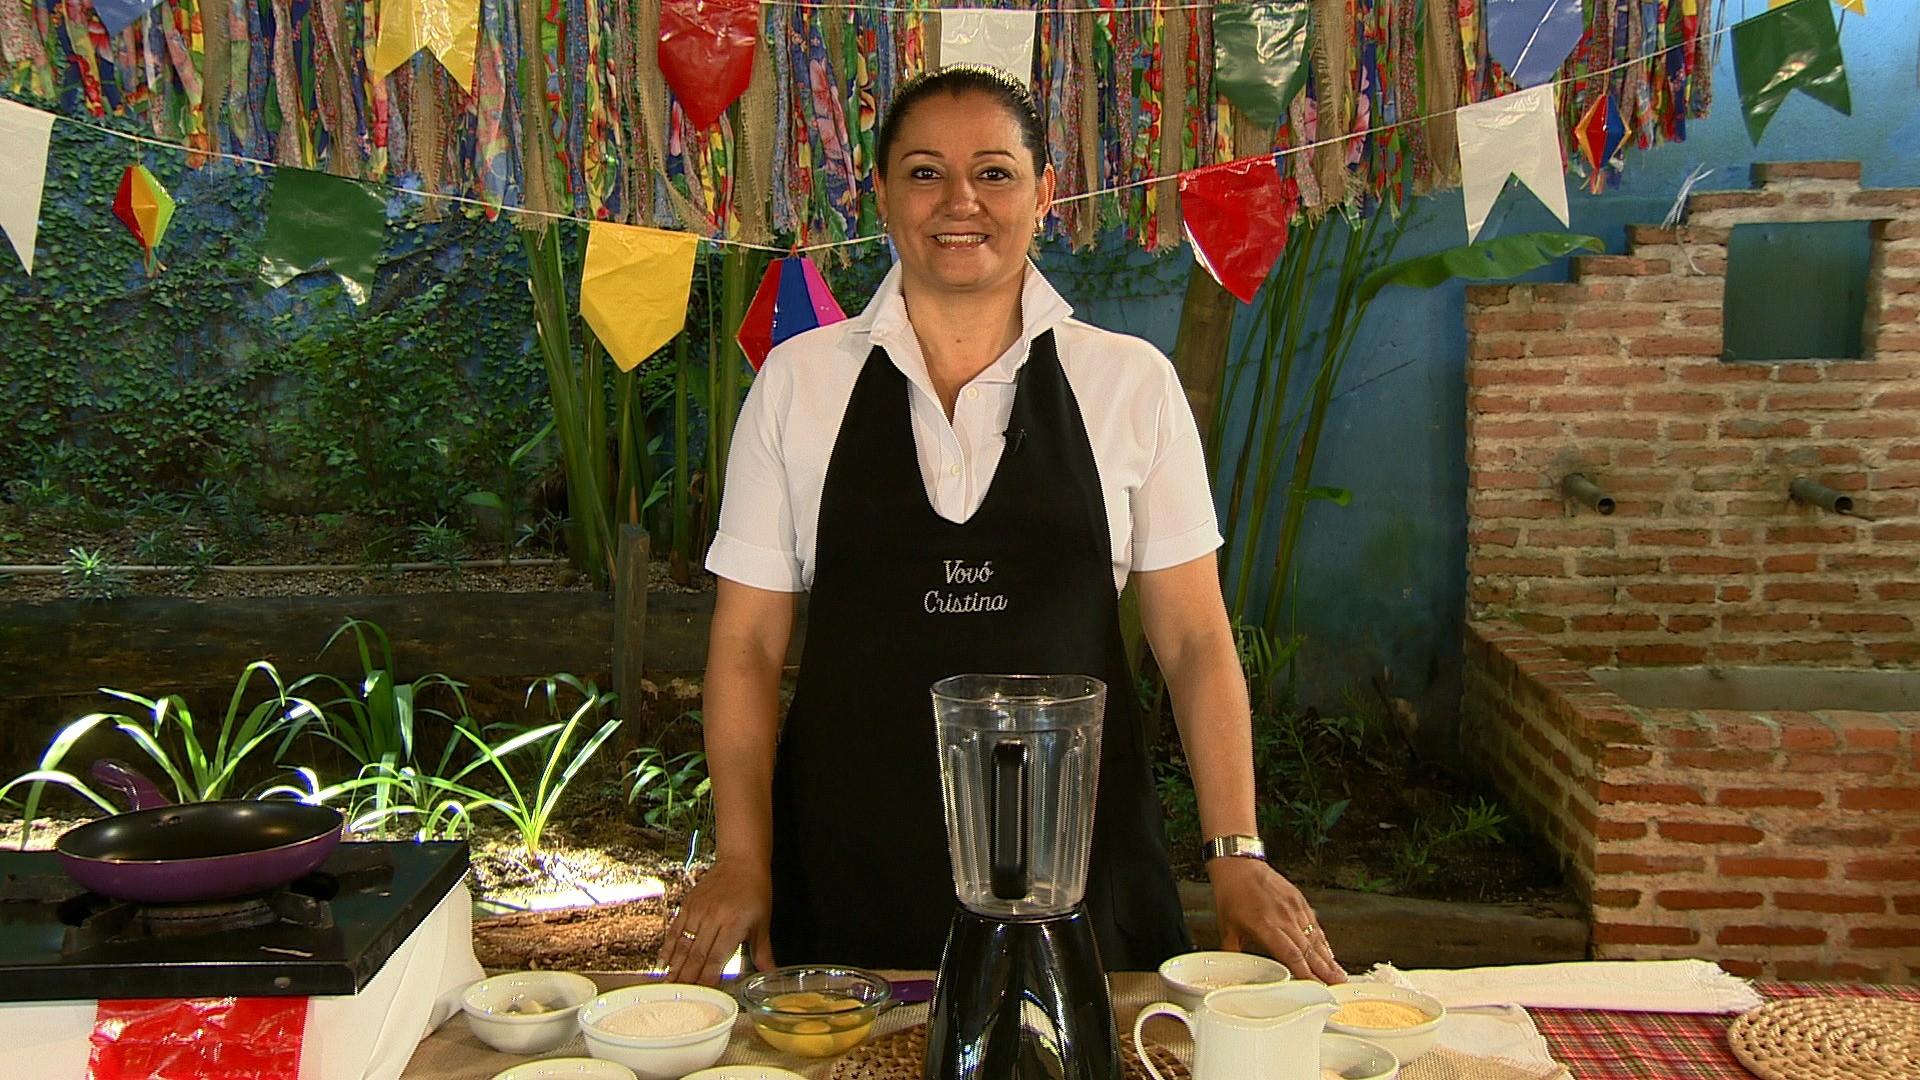 Vovó Cristina ensina como preparar o bolo cremoso de milho (Foto: Rede Amazônica/AVG)